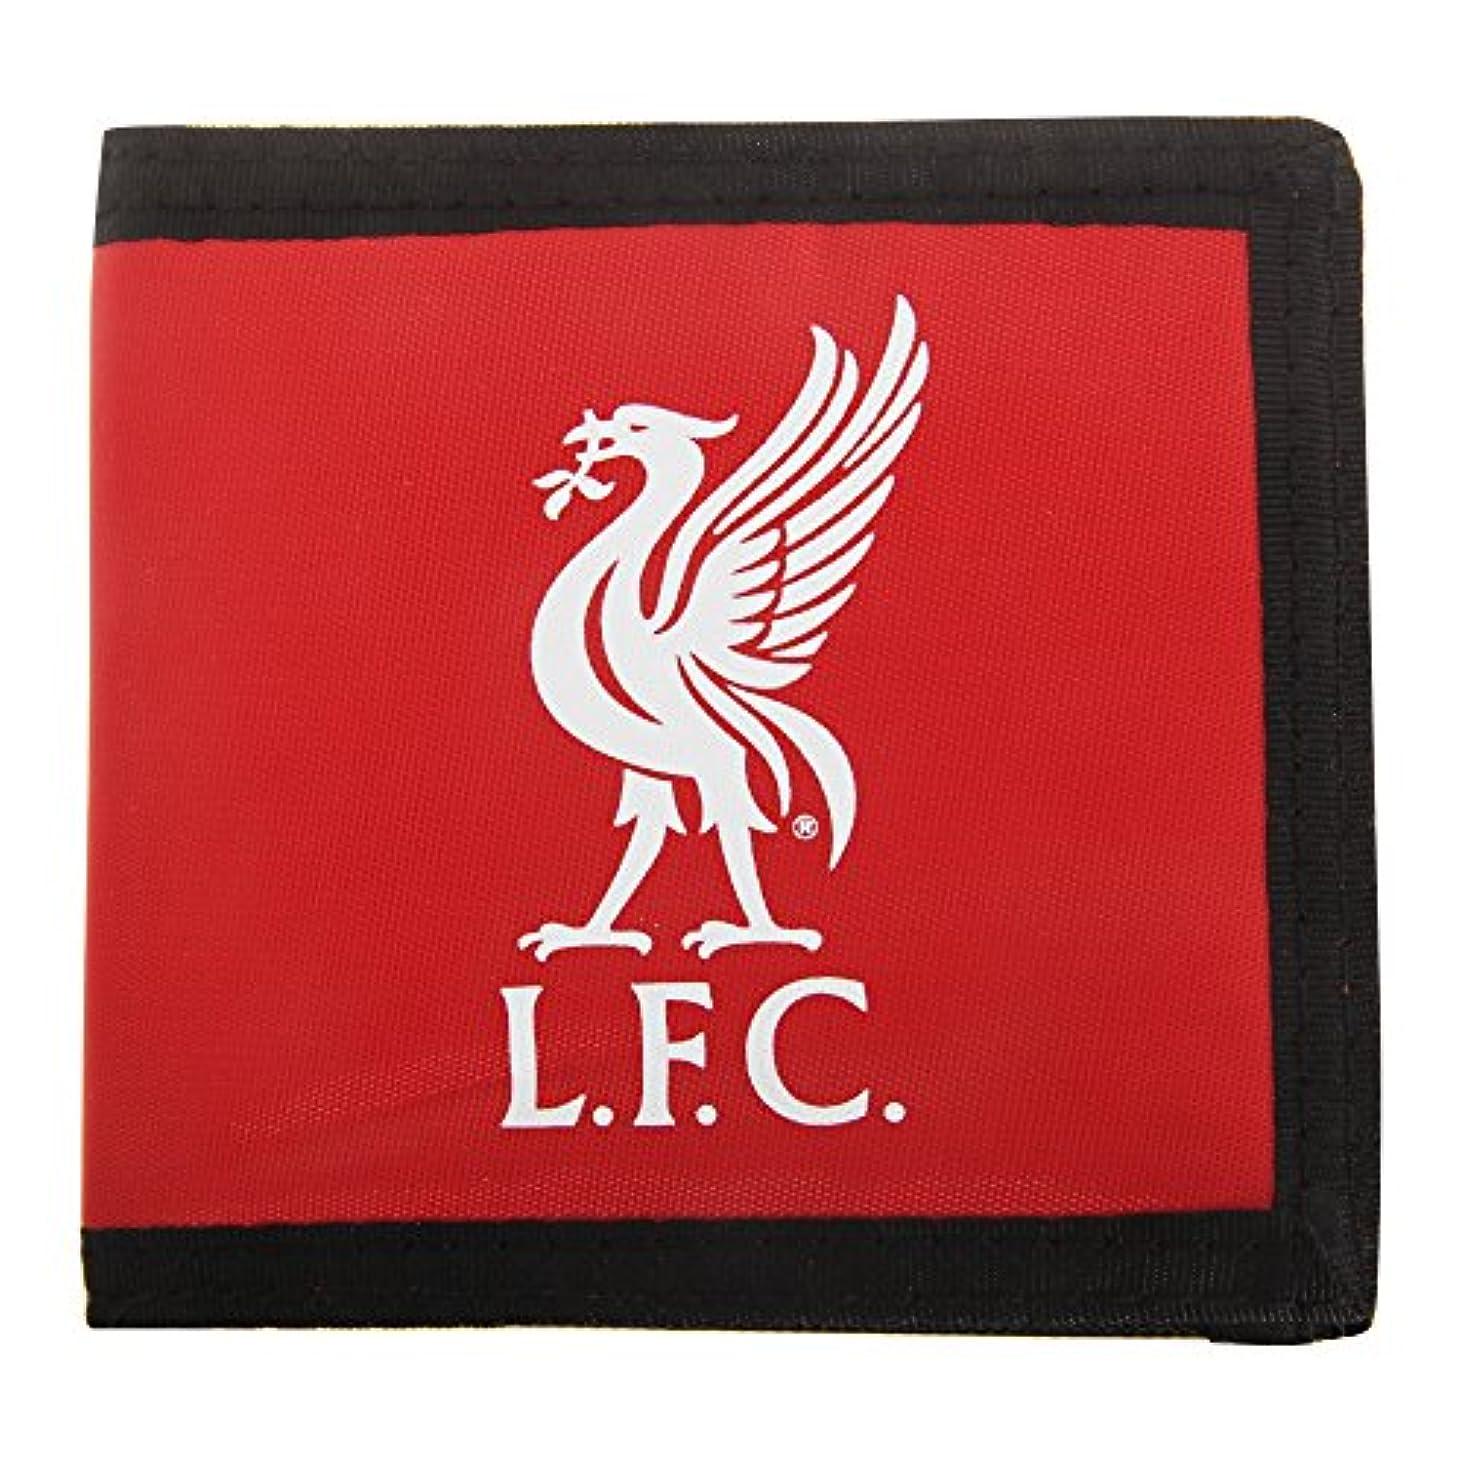 アプト貫通する液体リバプール フットボールクラブ Liverpool FC オフィシャル商品 ナイロン 財布 ウォレット